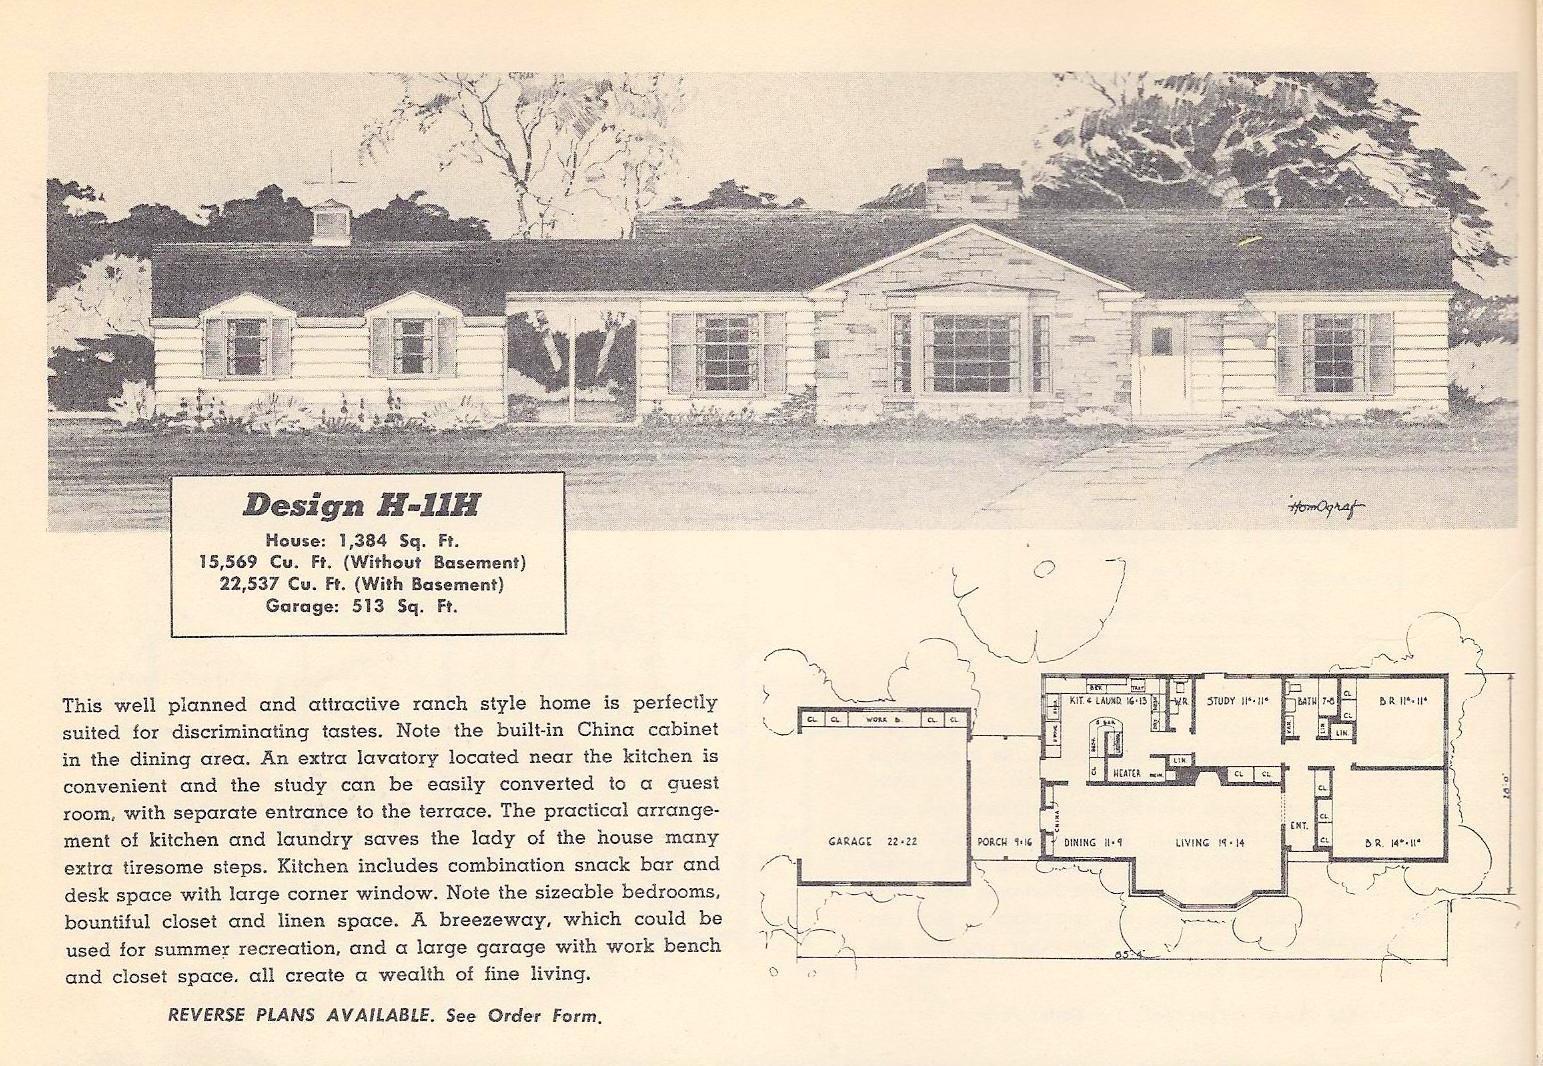 Vintage House Plans 11h Vintage House Plans Ranch House Plans House Plans